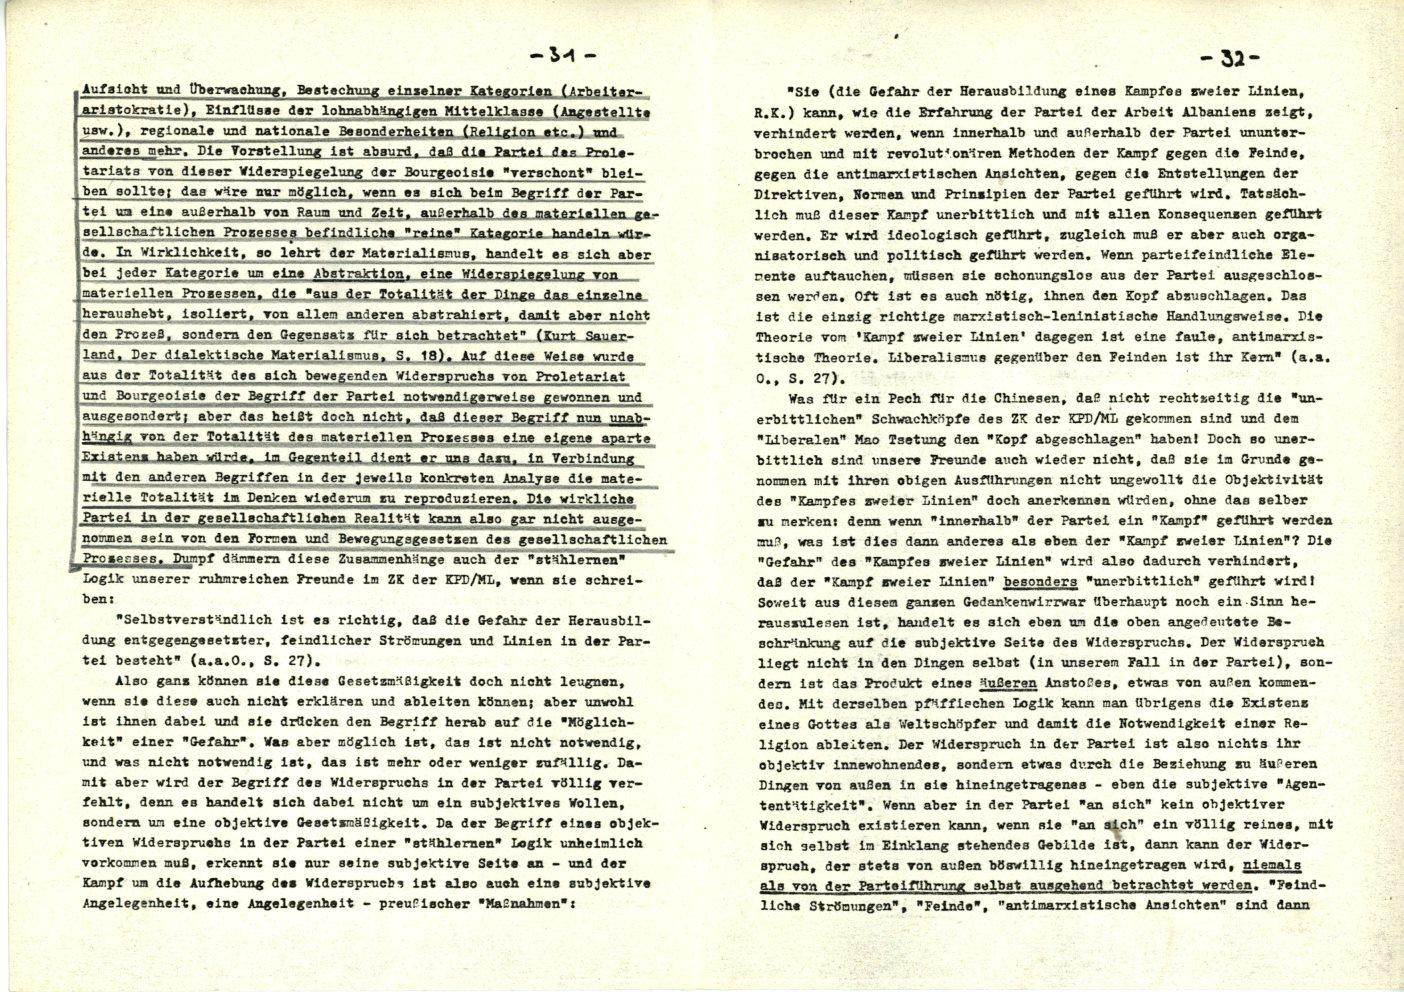 Nuernberg_Fuerth_Erlangen_ML_Diskussionsbeitraege_1978_01_17